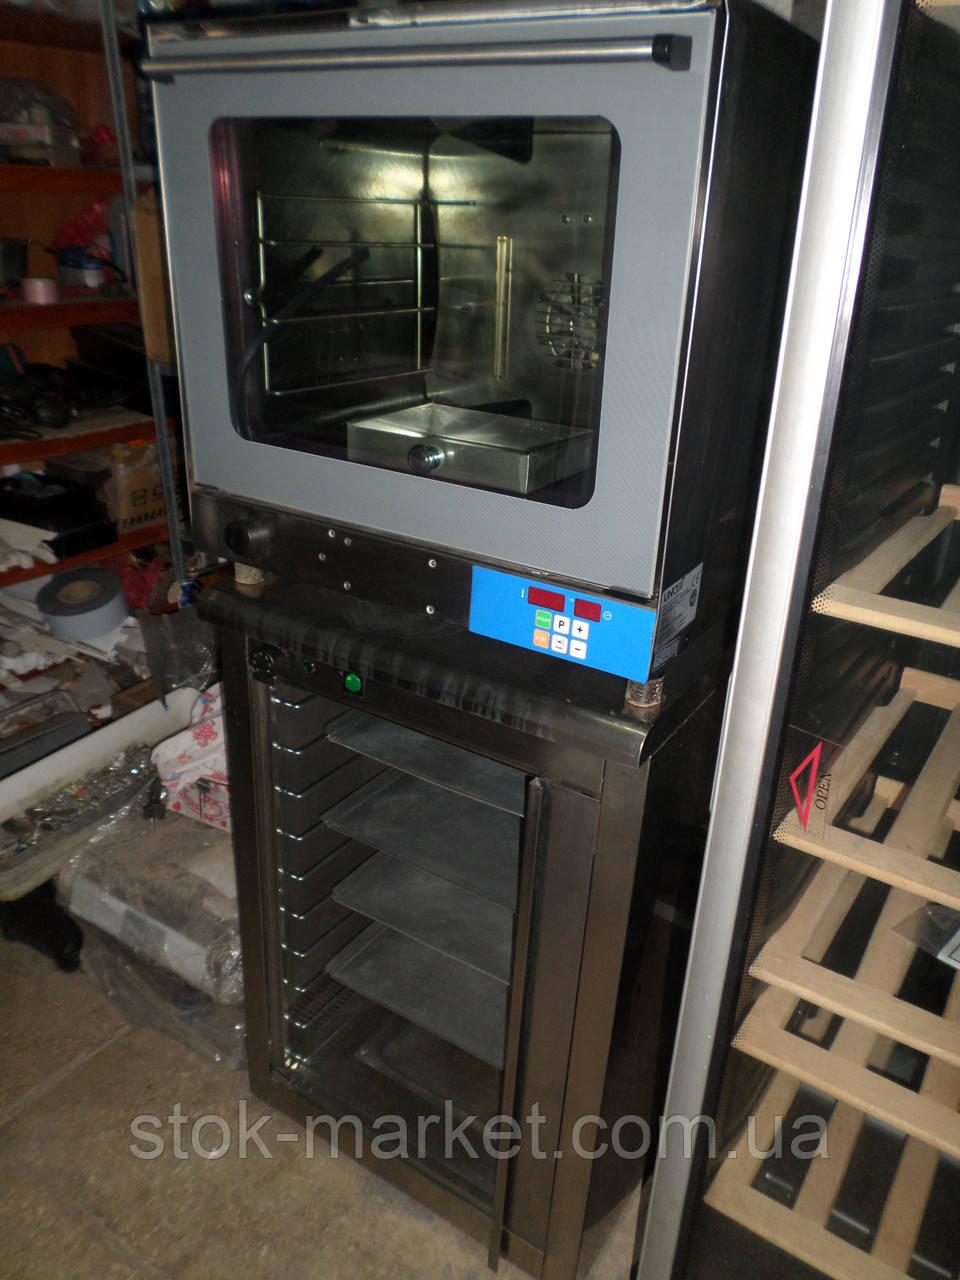 Пароконвекционная печь UNOX XF 030 - TG + расстоечный шкаф UNOX XL 040 (комплект), пароконвектомат, расстойка,